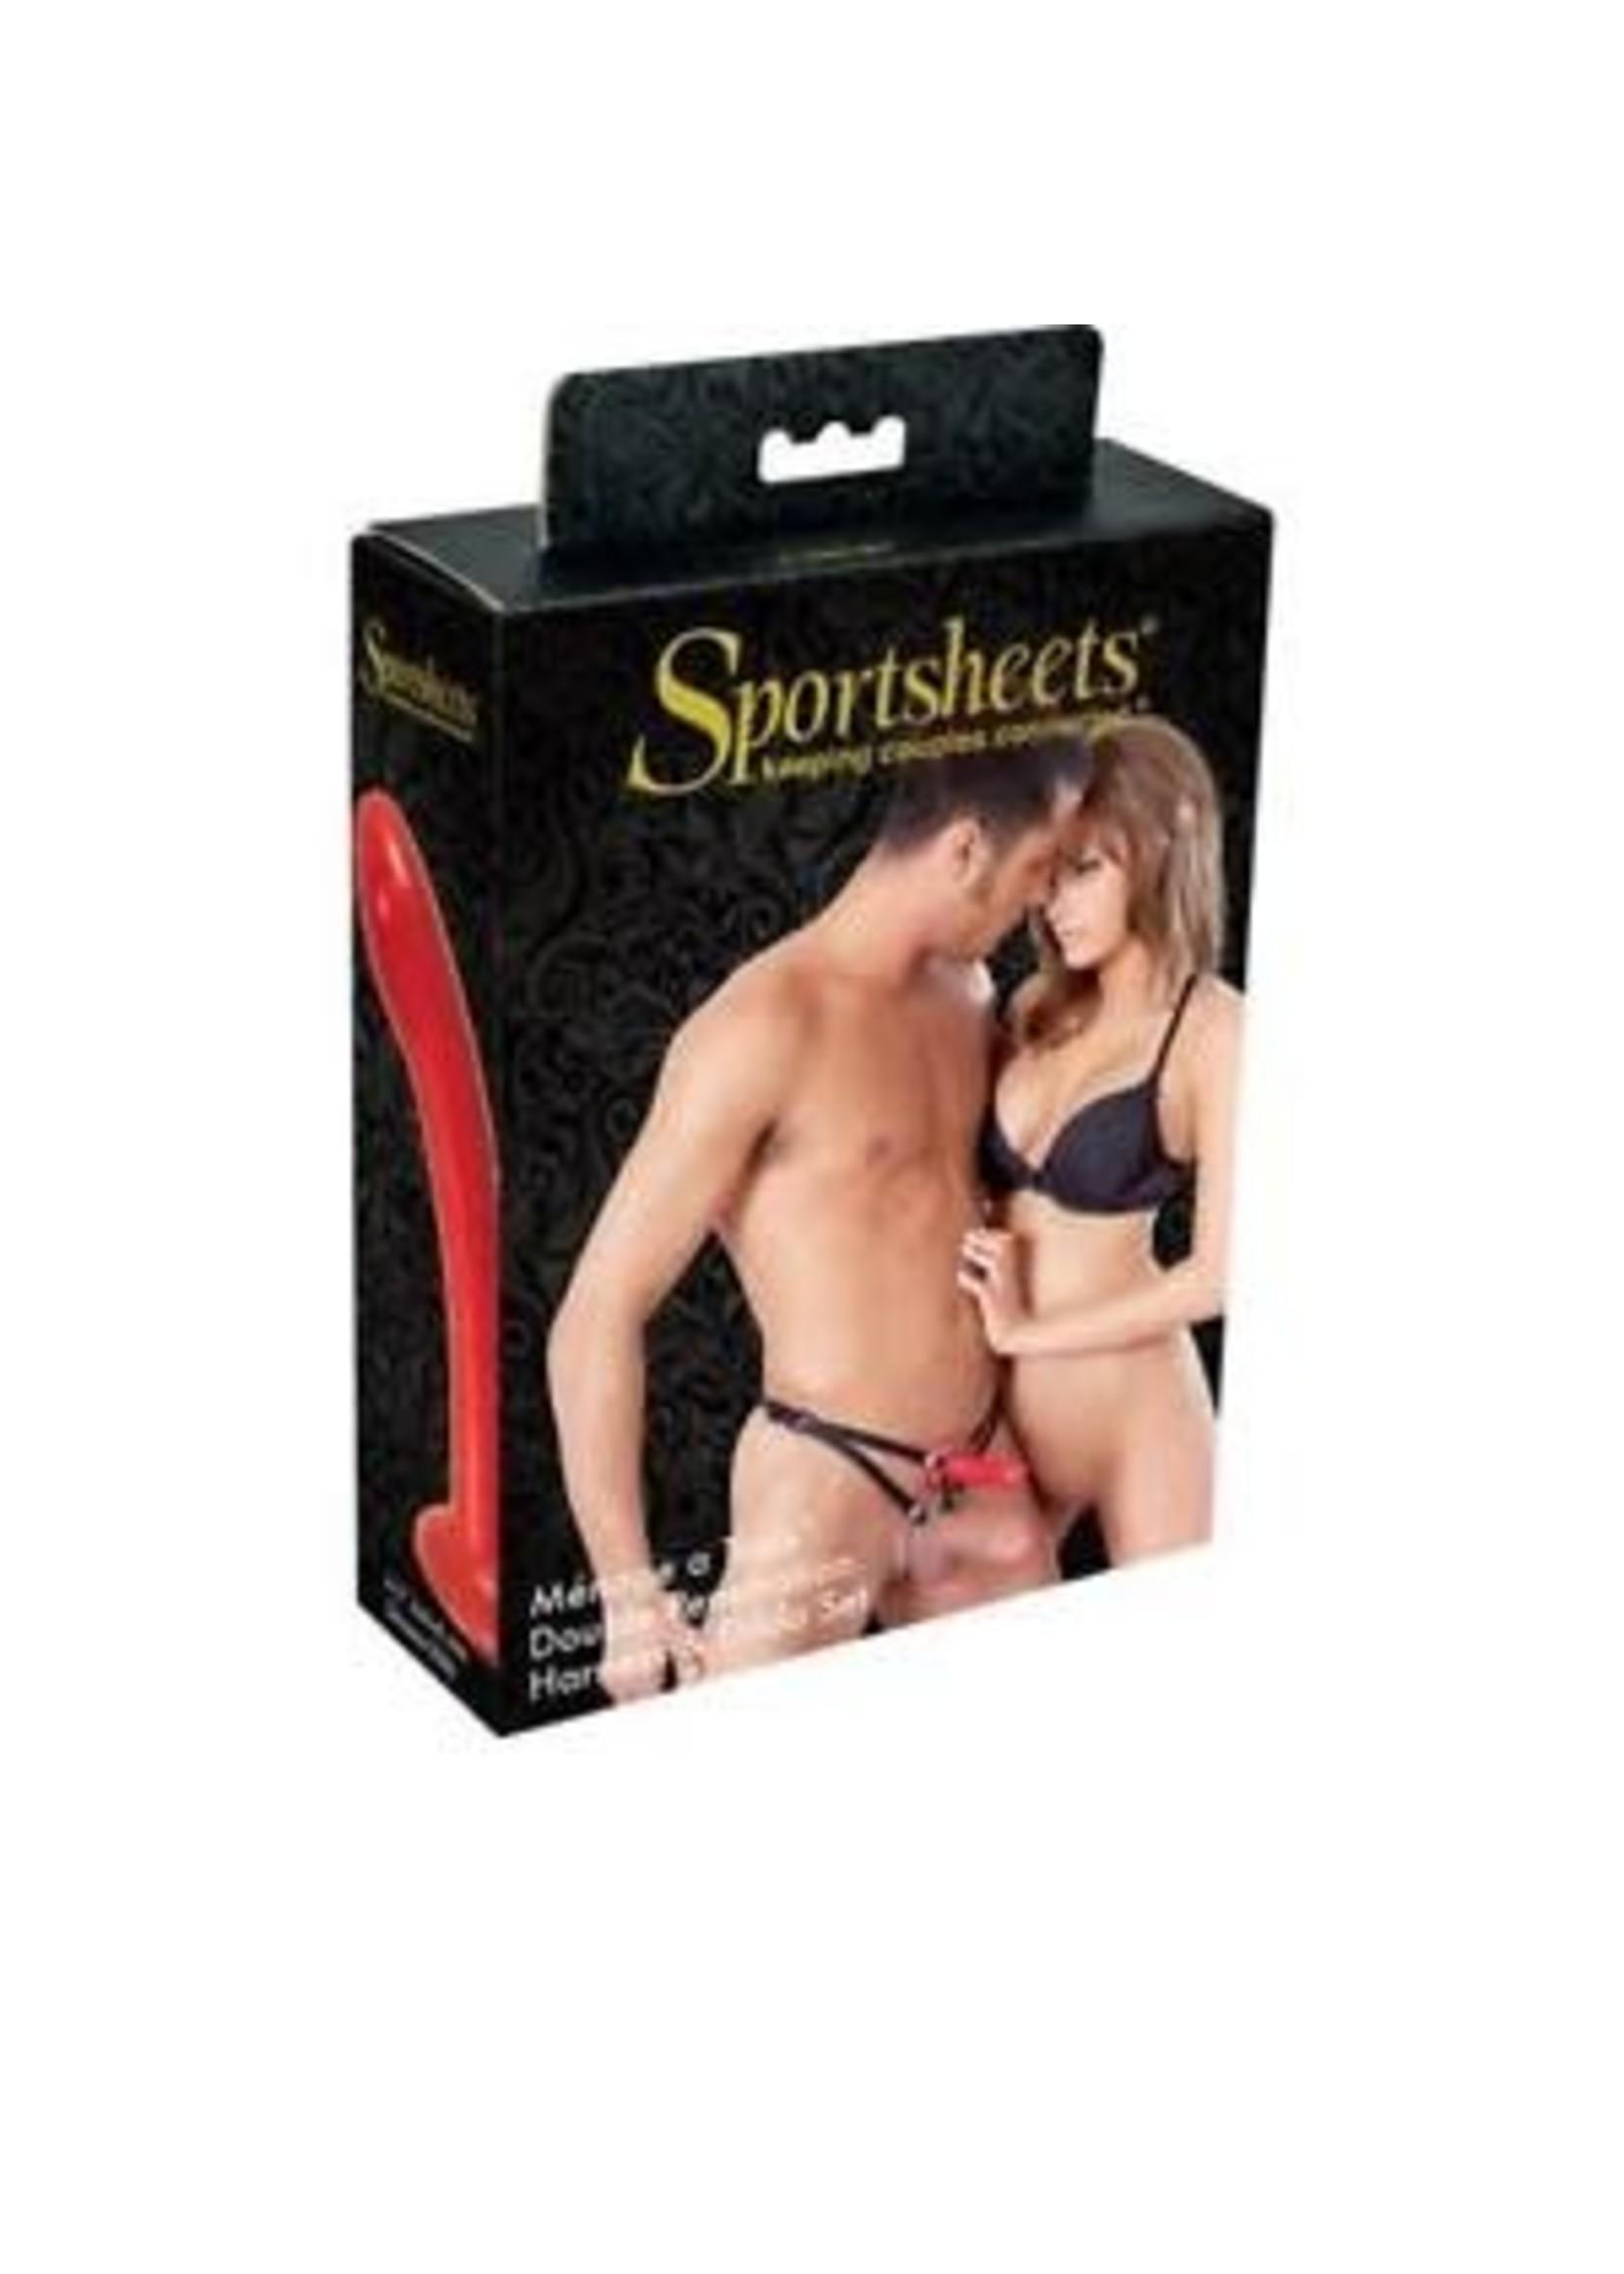 Sport Sheets Sportsheets Menage a Trois Double Penetration Harness & Dildo Set